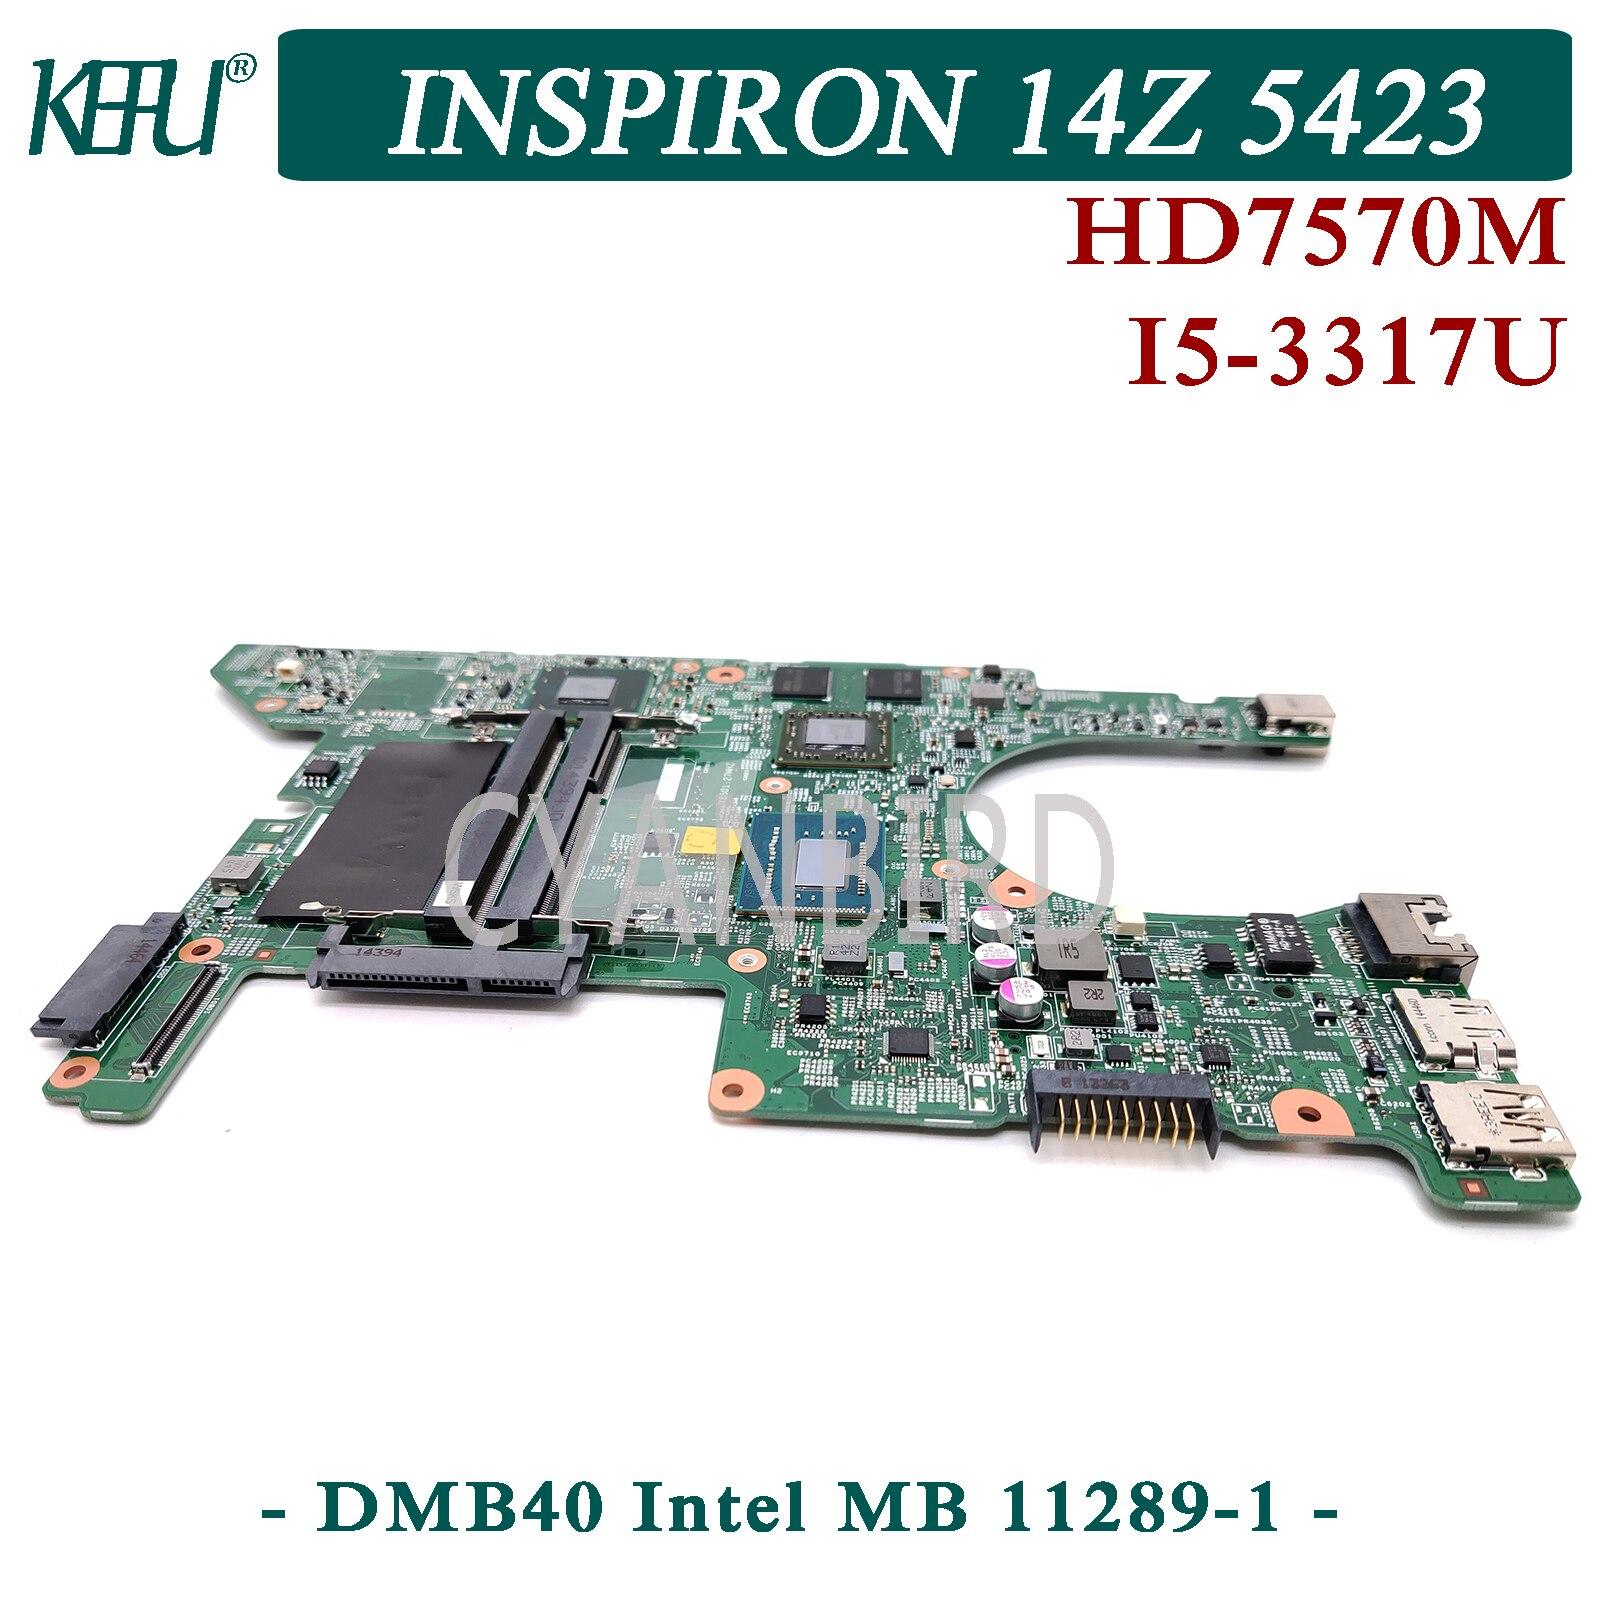 KEFU DMB40 إنتل MB 11289-1 اللوحة الرئيسية الأصلية لديل انسبايرون 14z 5423 مع I5-3337U/3317U HD7570M اللوحة الأم للكمبيوتر المحمول